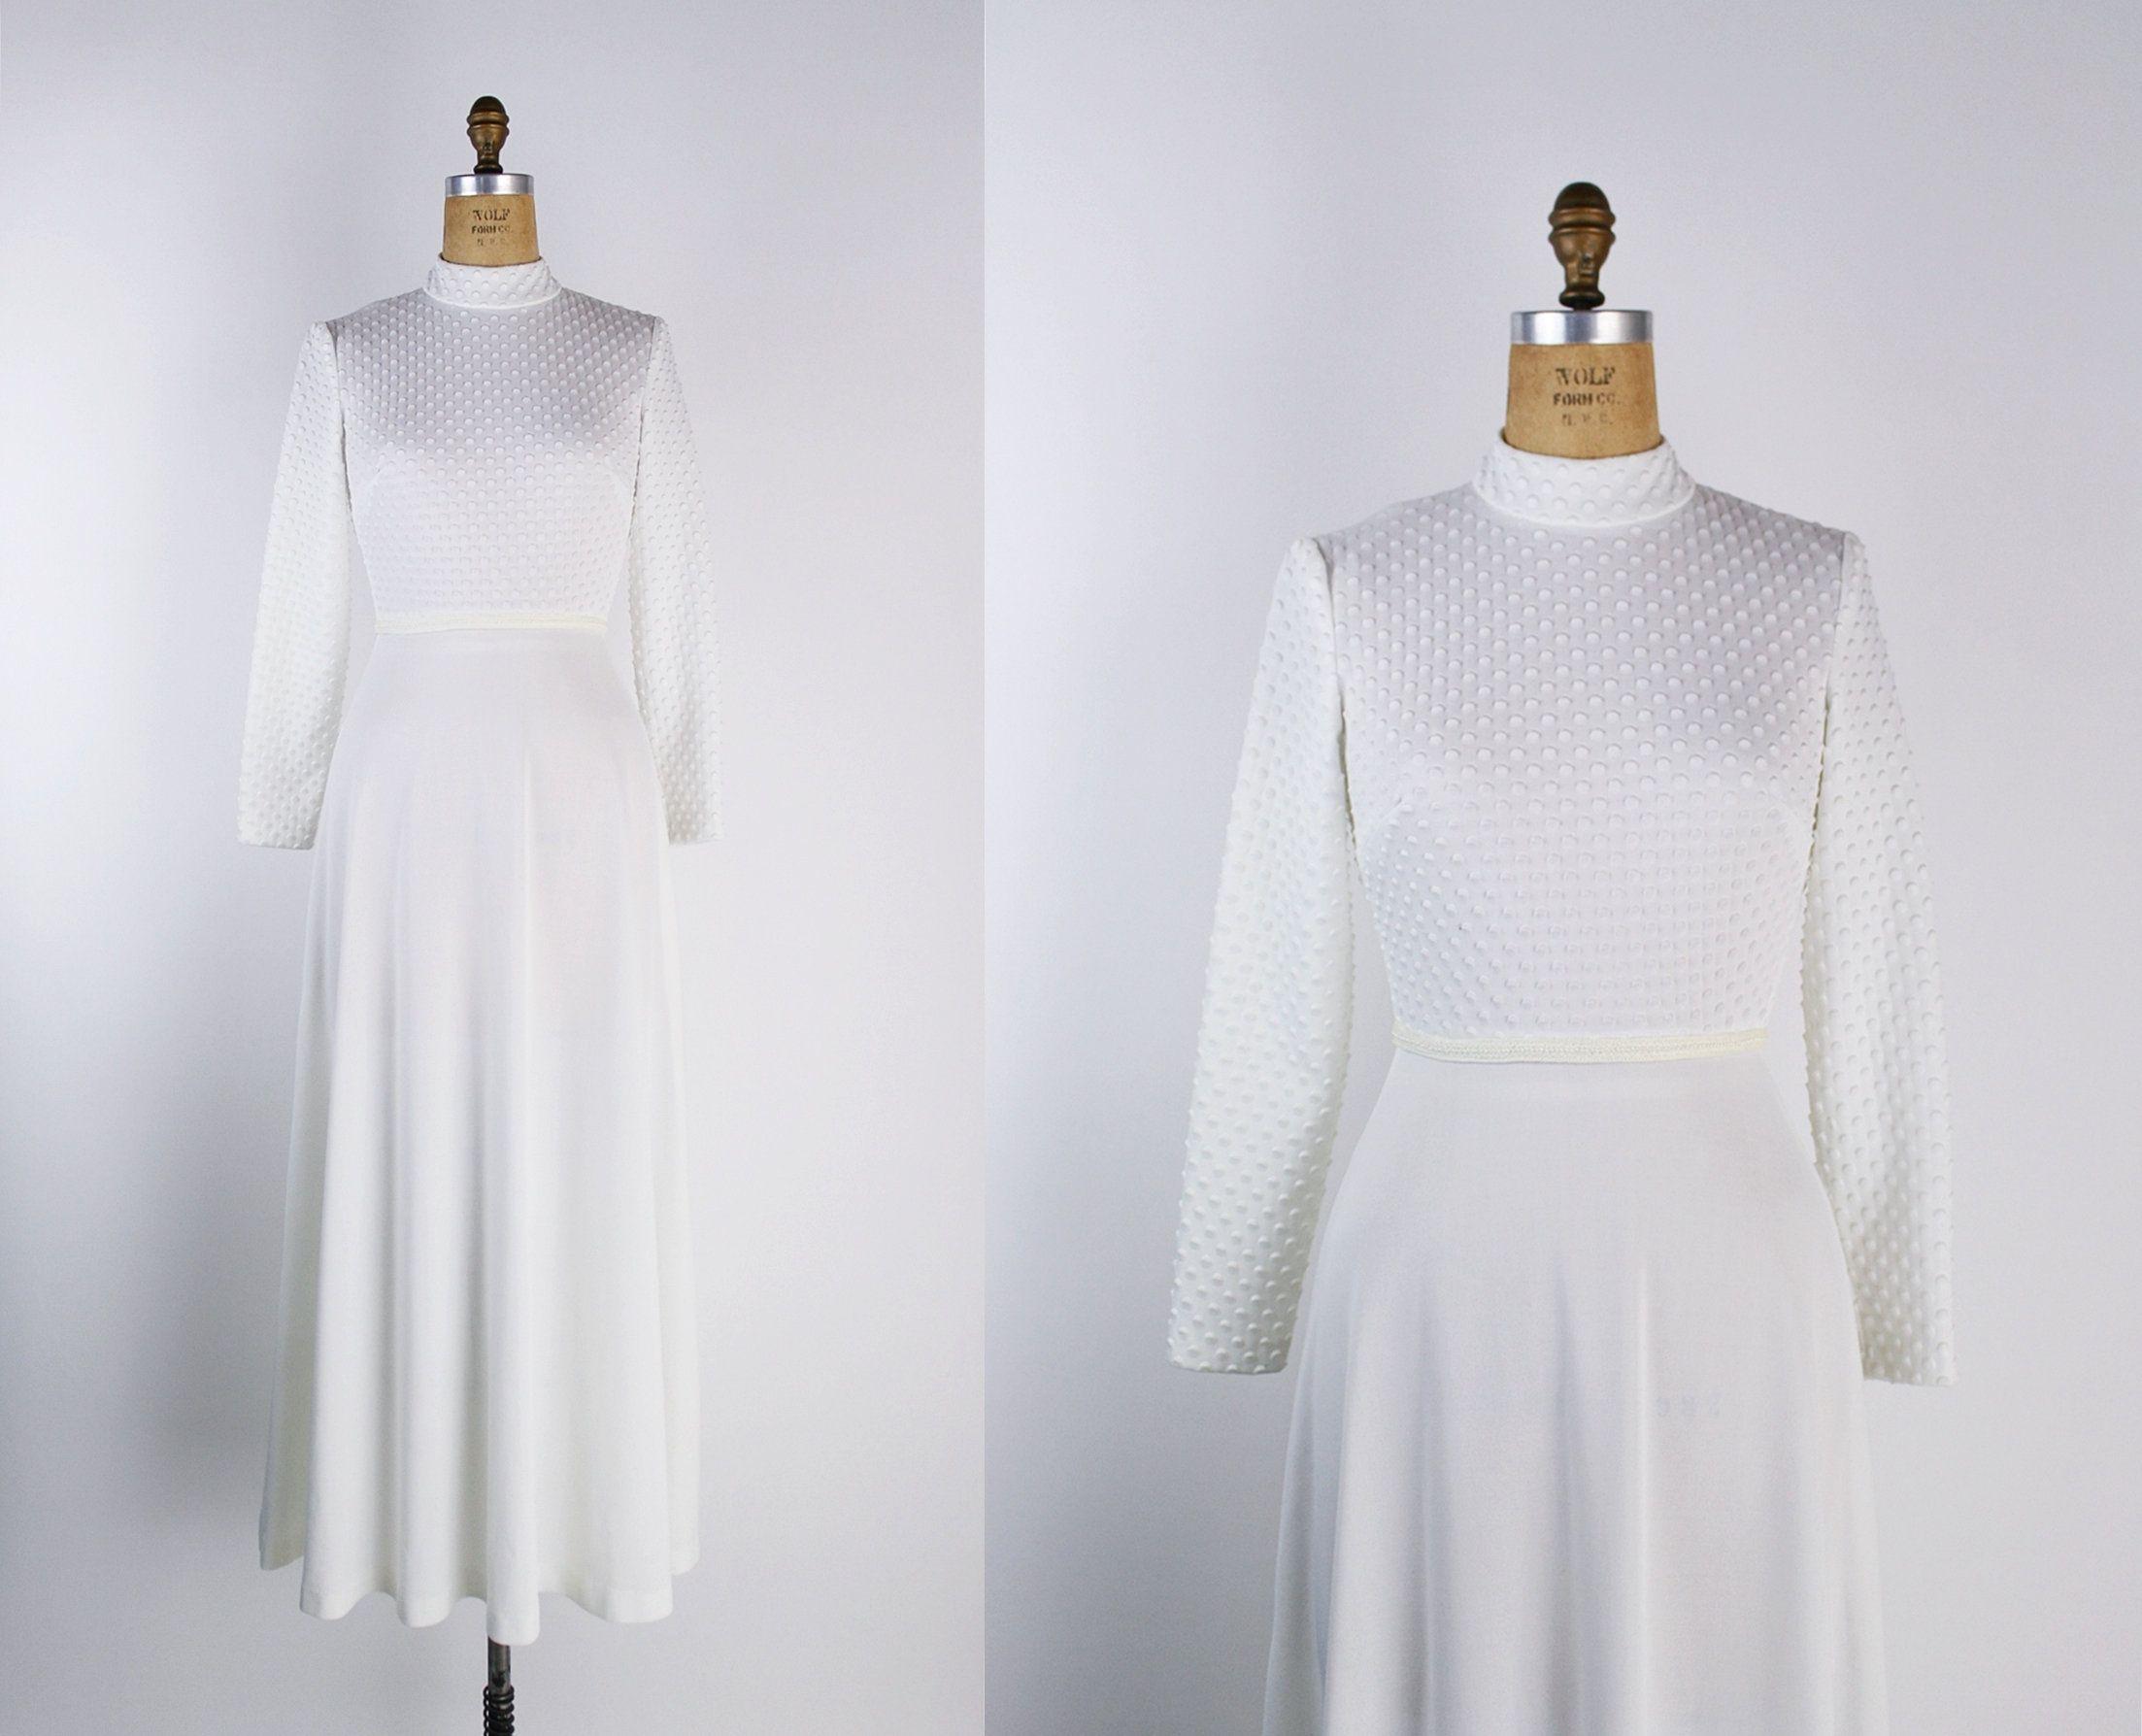 Vintage 70s White Wedding Maxi Dress White Disco Dress Etsy Maxi Dress Wedding Disco Dress Dresses [ 1788 x 2206 Pixel ]